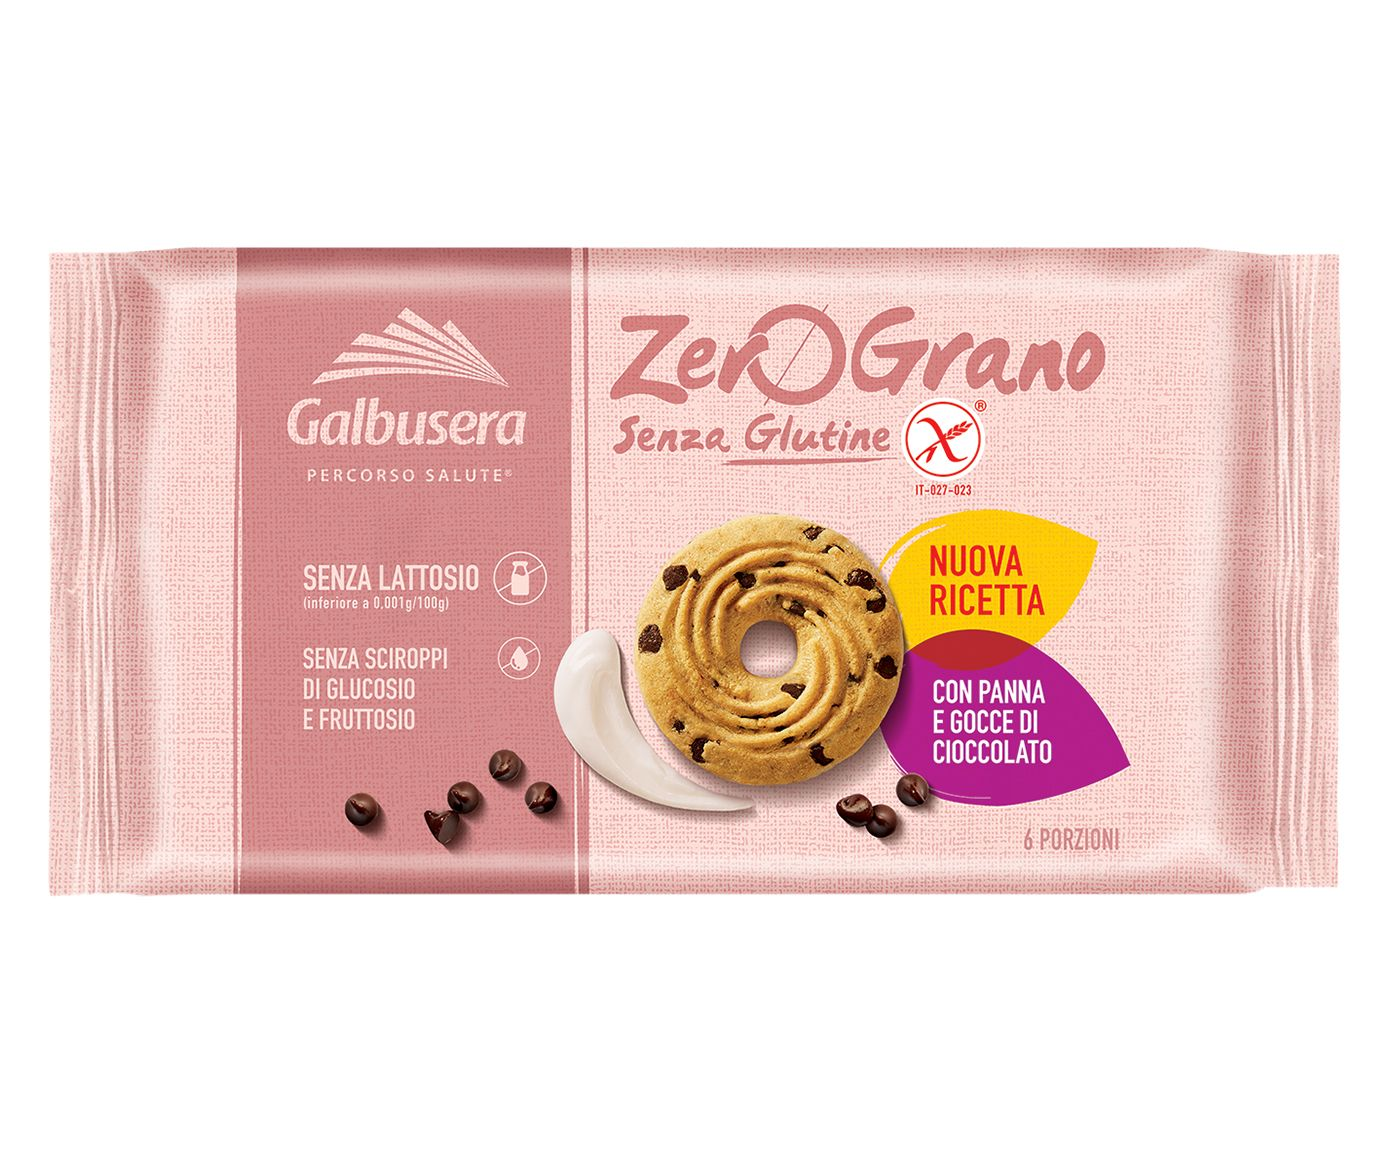 Biscoito com Gotas de Chocolate Frollini Zero Grano - 220G | Westwing.com.br